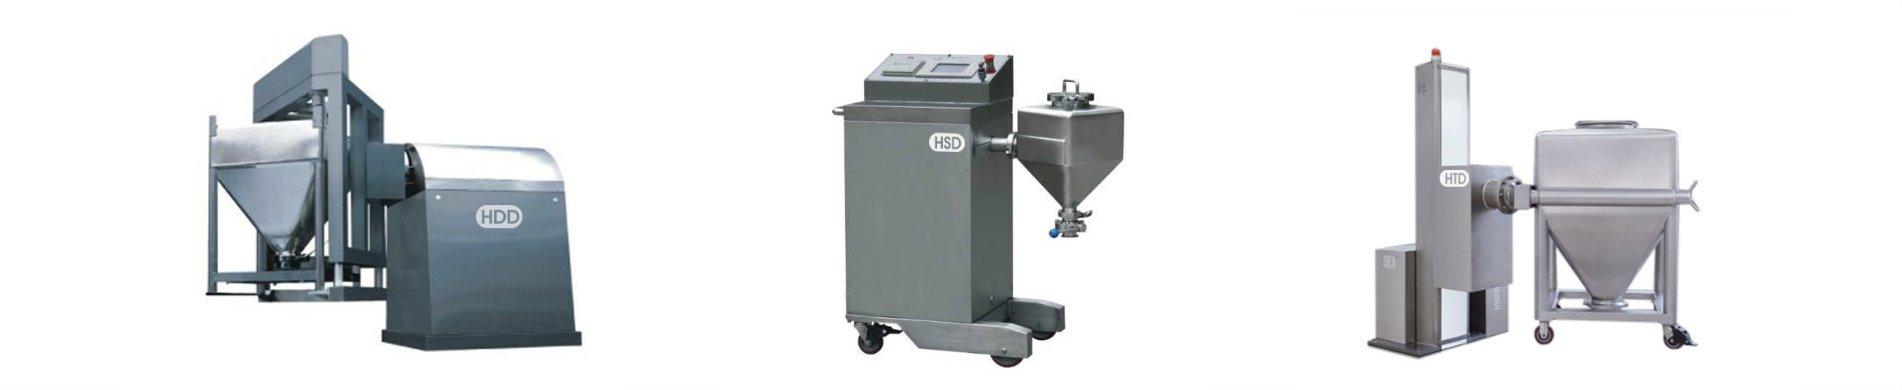 bin blender manufacturer